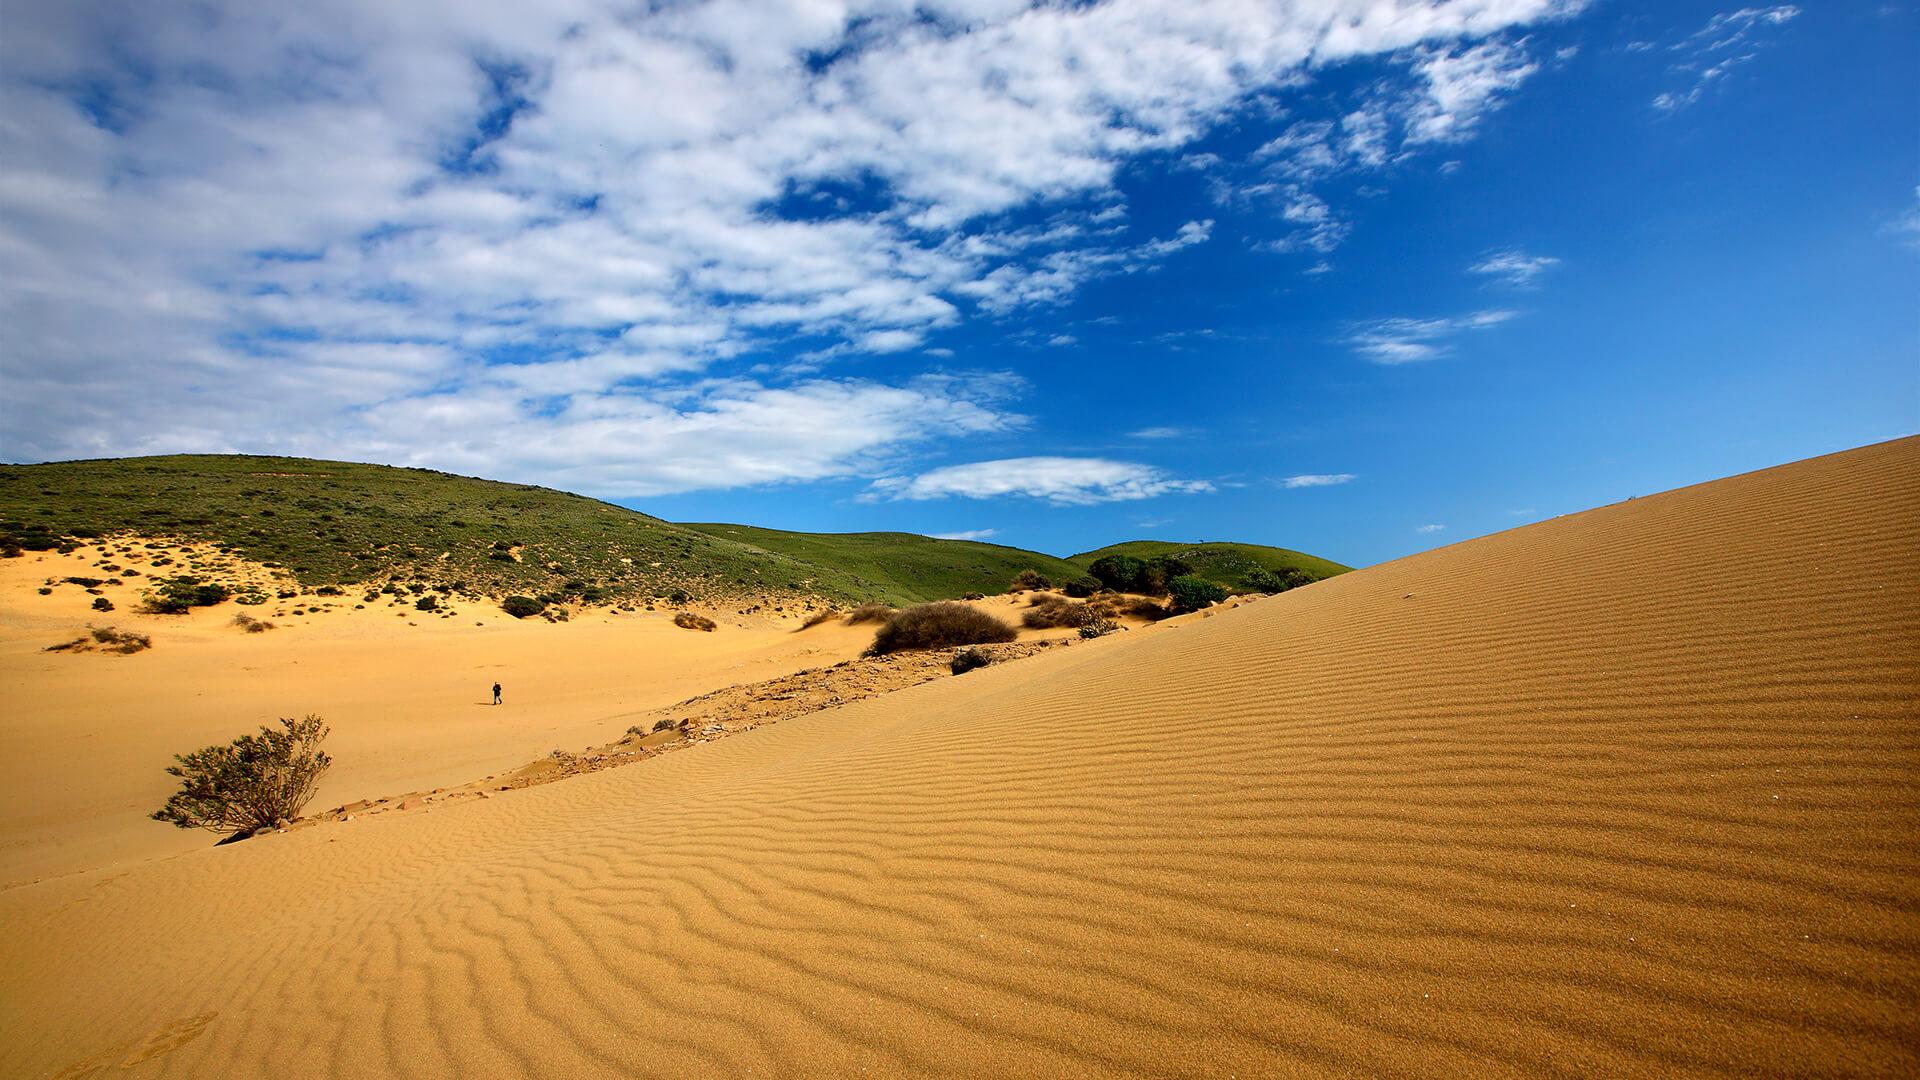 Λήμνος | Αεροπορική εκδρομή | Δείτε τις αμμοθίνες της Λήμνου με το Prima Holidays